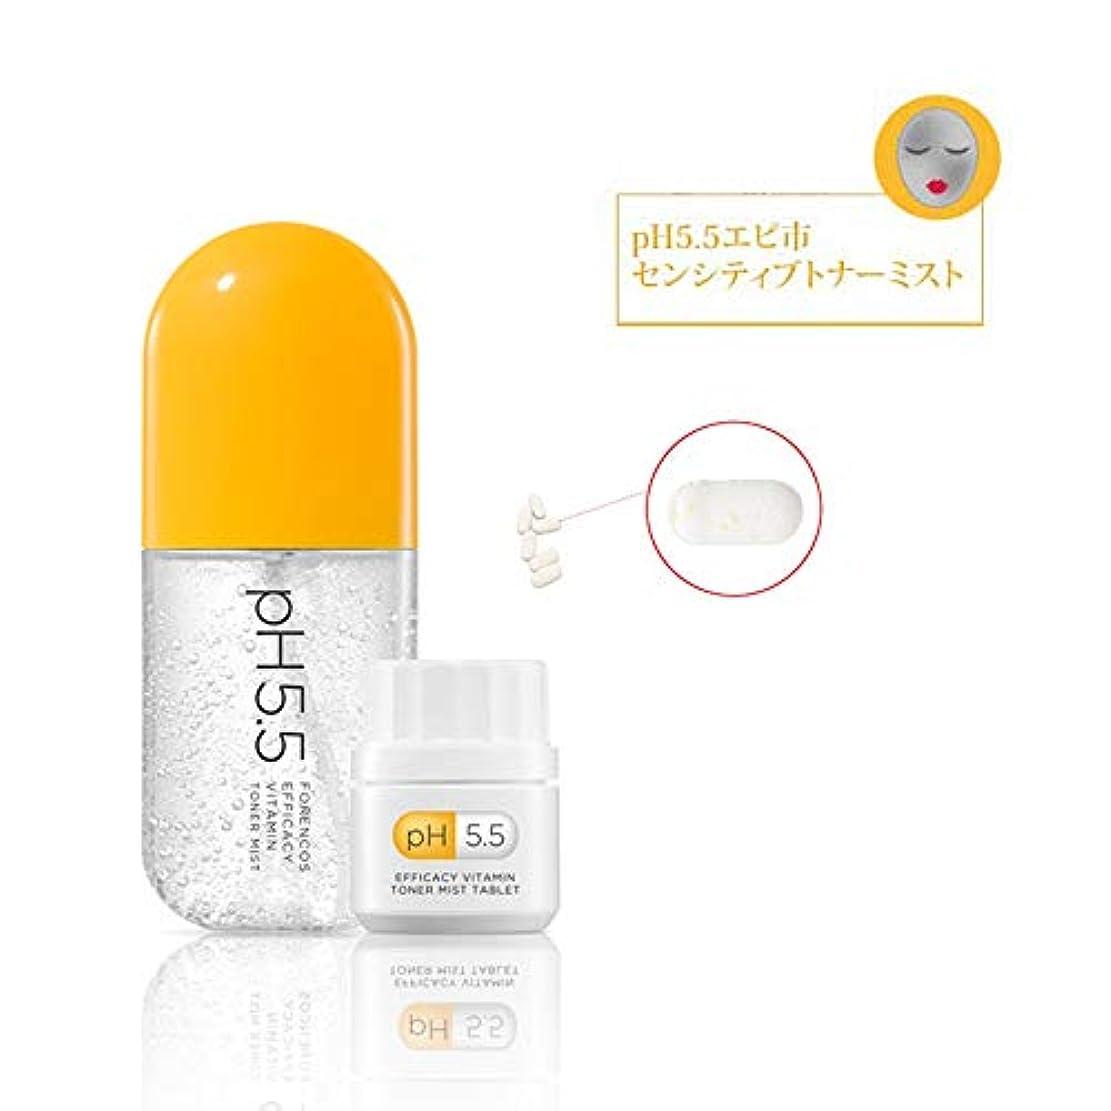 夢安西のスコア[FORENCOS] pH5.5 ビタミン効果型化粧水スプレー/pH 5.5 Efficacy Toner Mist (1g*10ea) 1 Pack #Vitamin